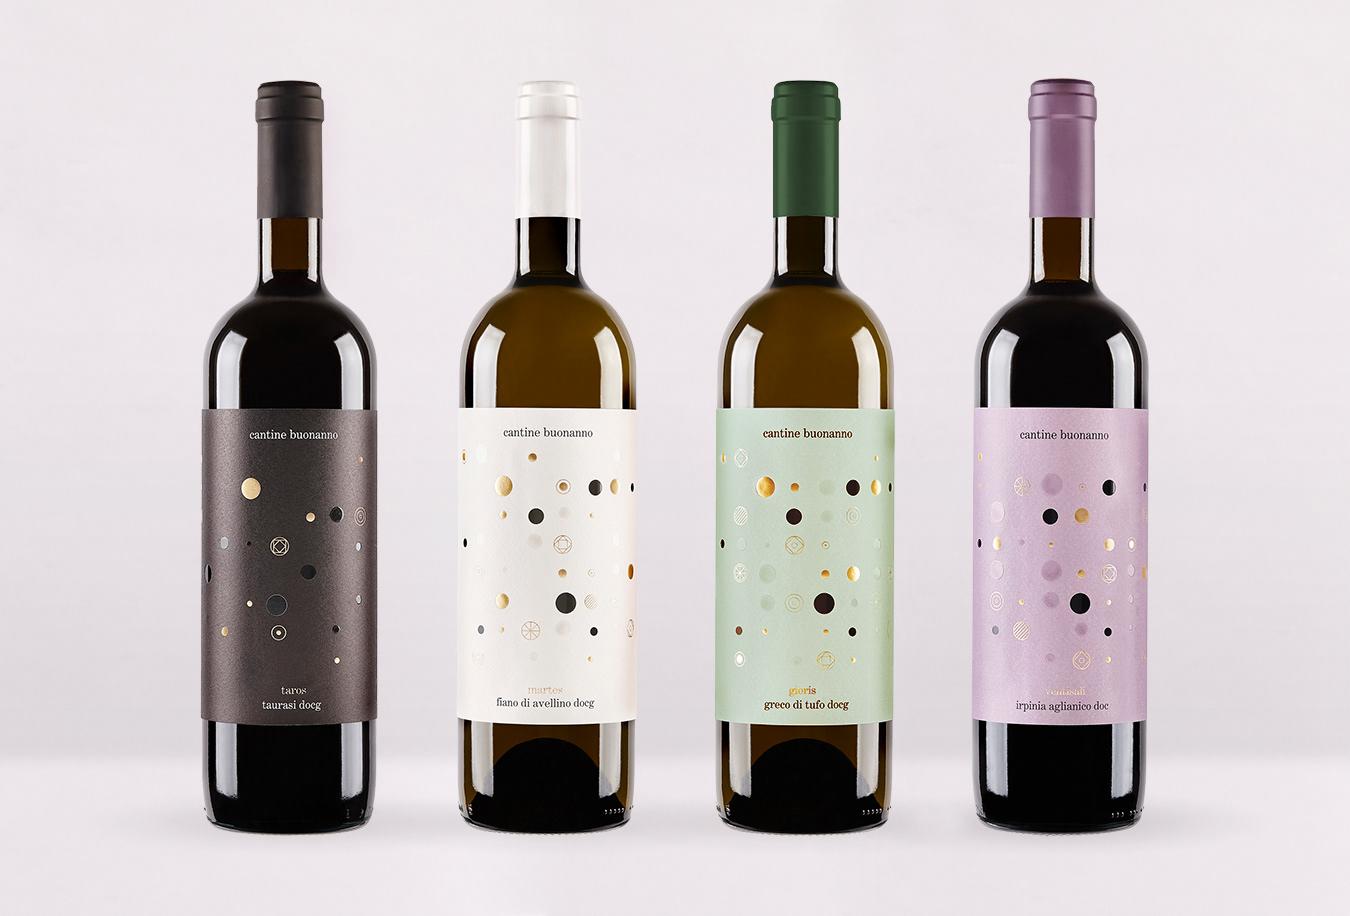 Wines of the wisemen-1.jpg